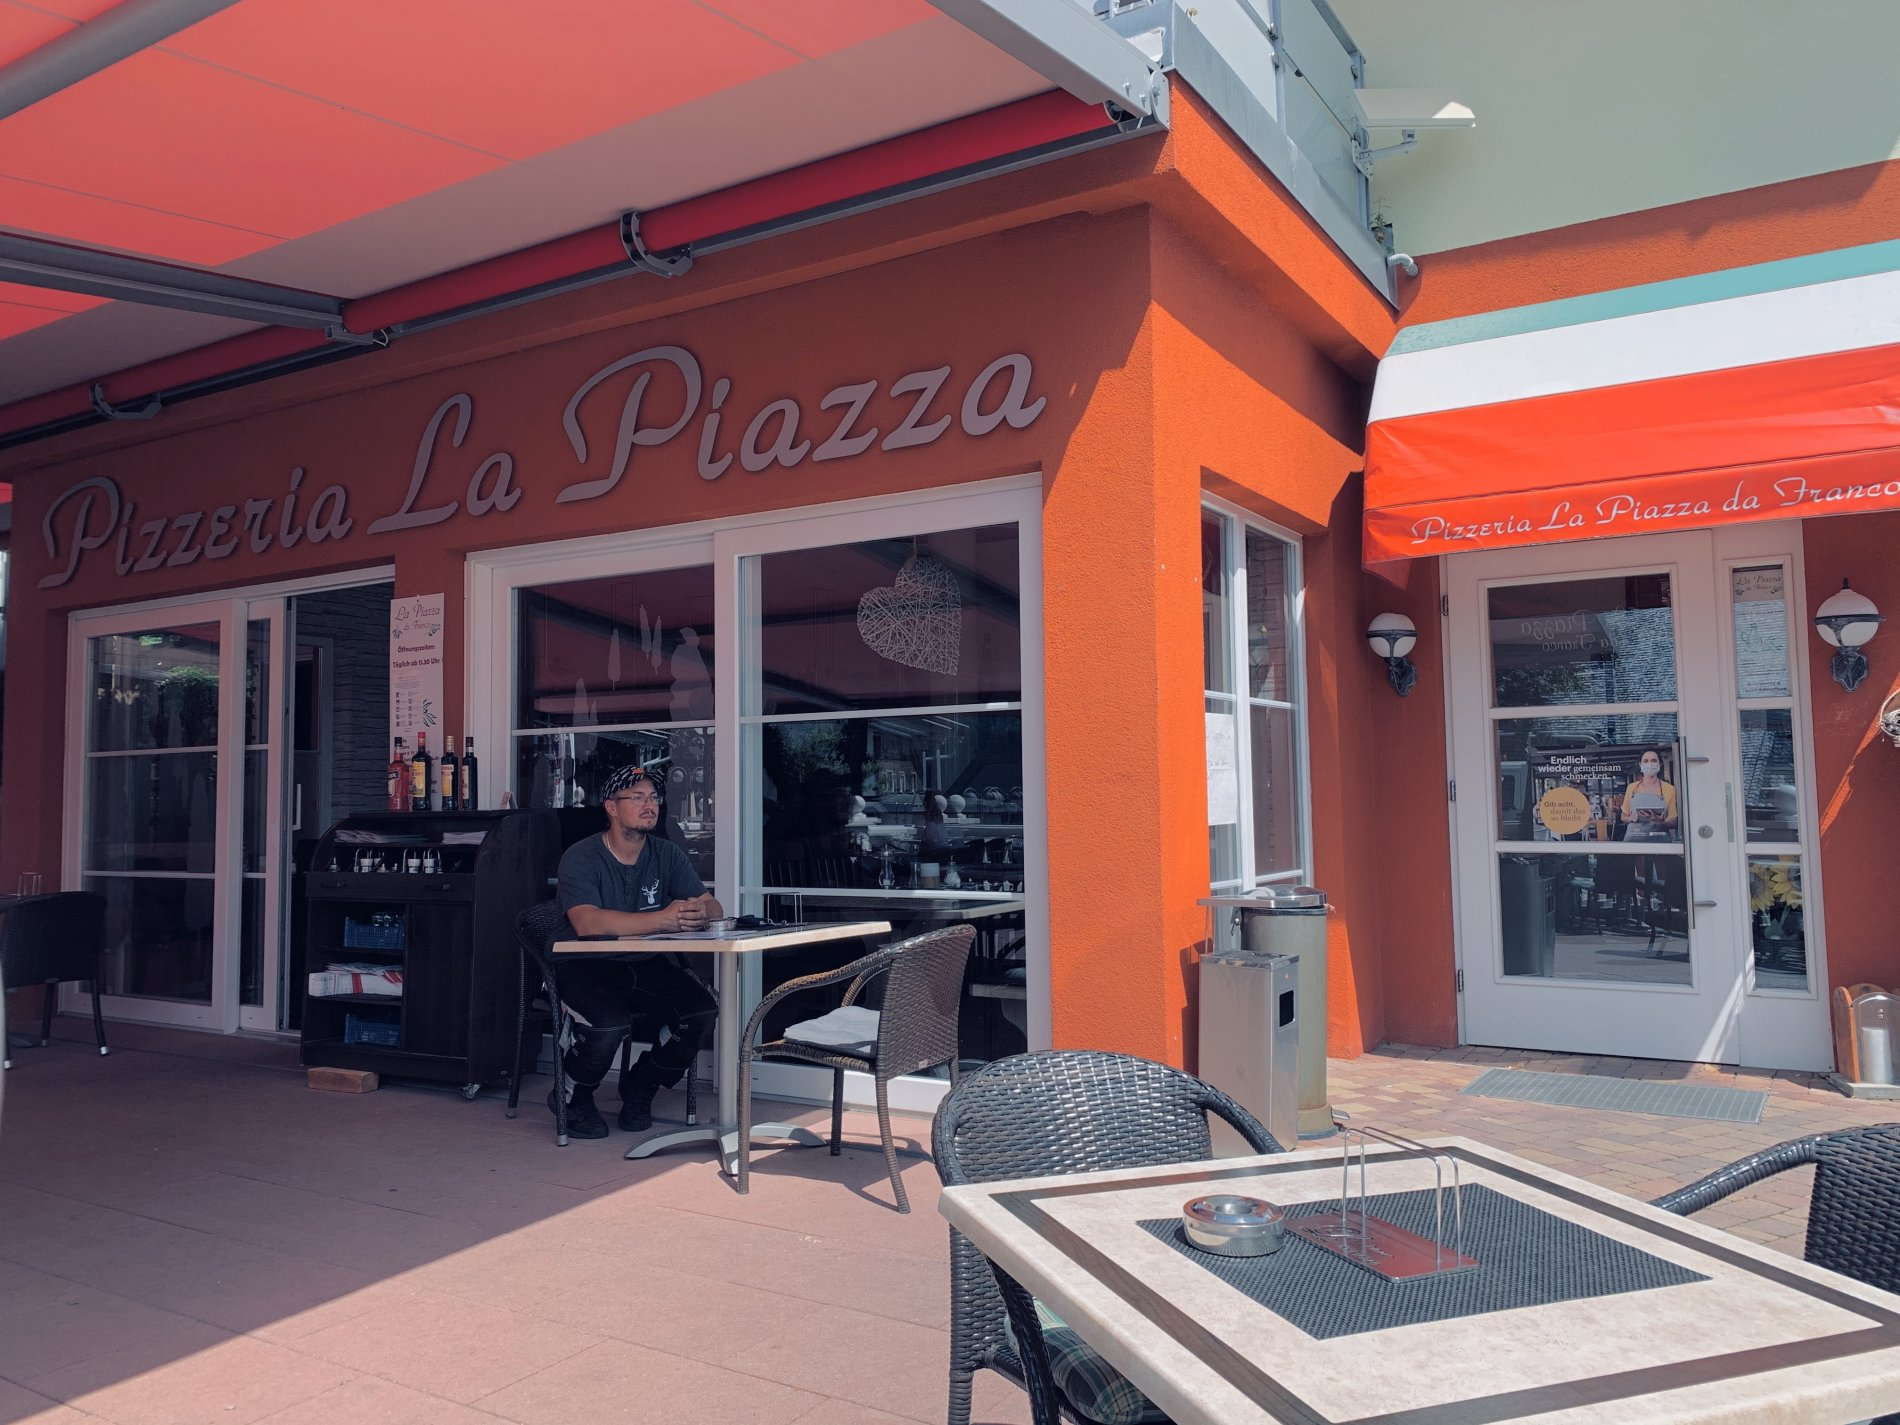 Außenansicht der Pizzeria La Piazza